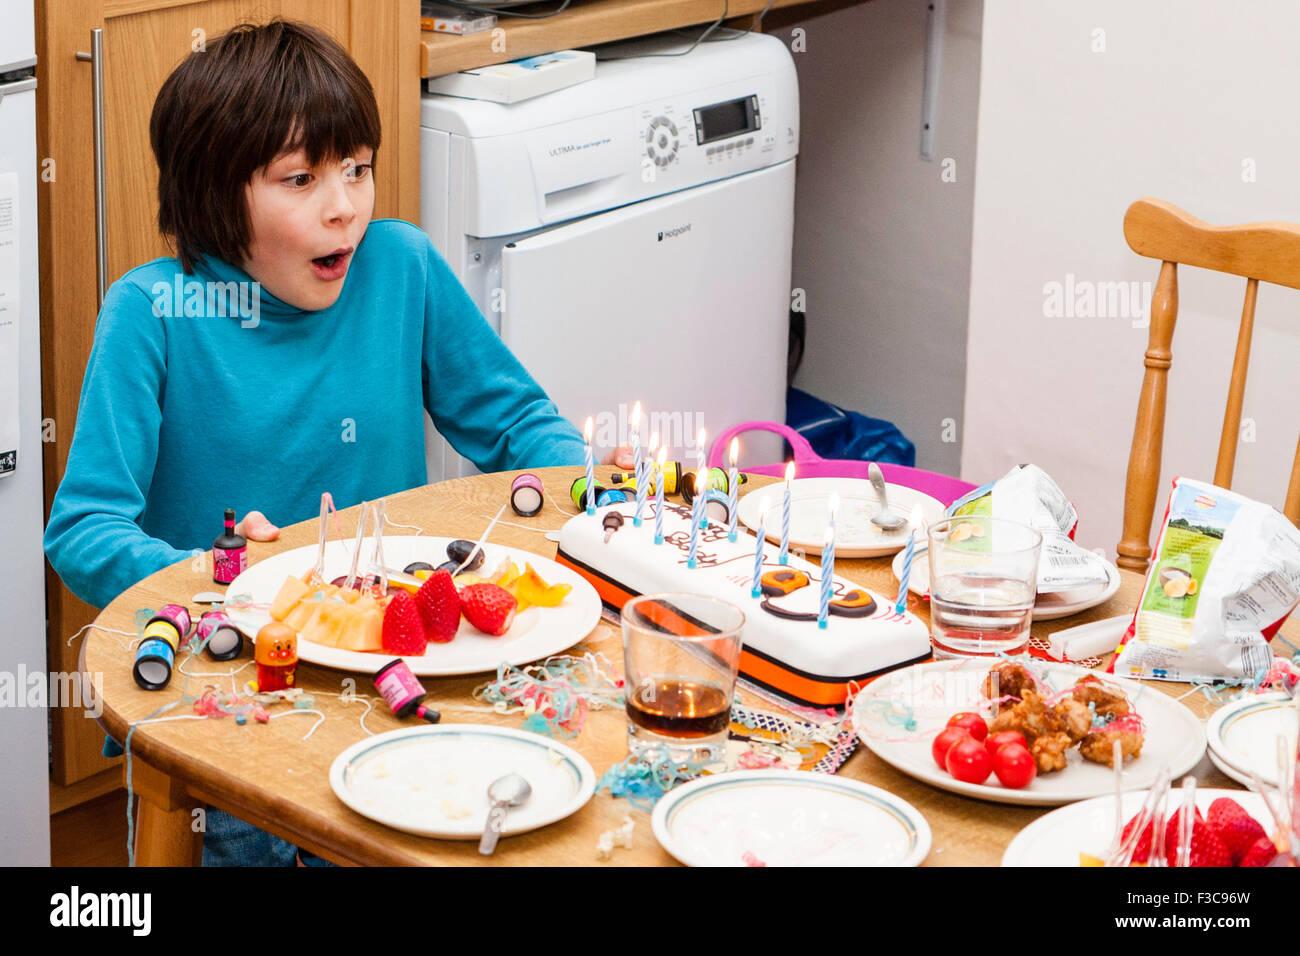 Gemischter ethnischer Herkunft, (Japanisch-Englisch) 11 Jahre alter Junge bläst Kerzen heraus auf Geburtstag Stockbild